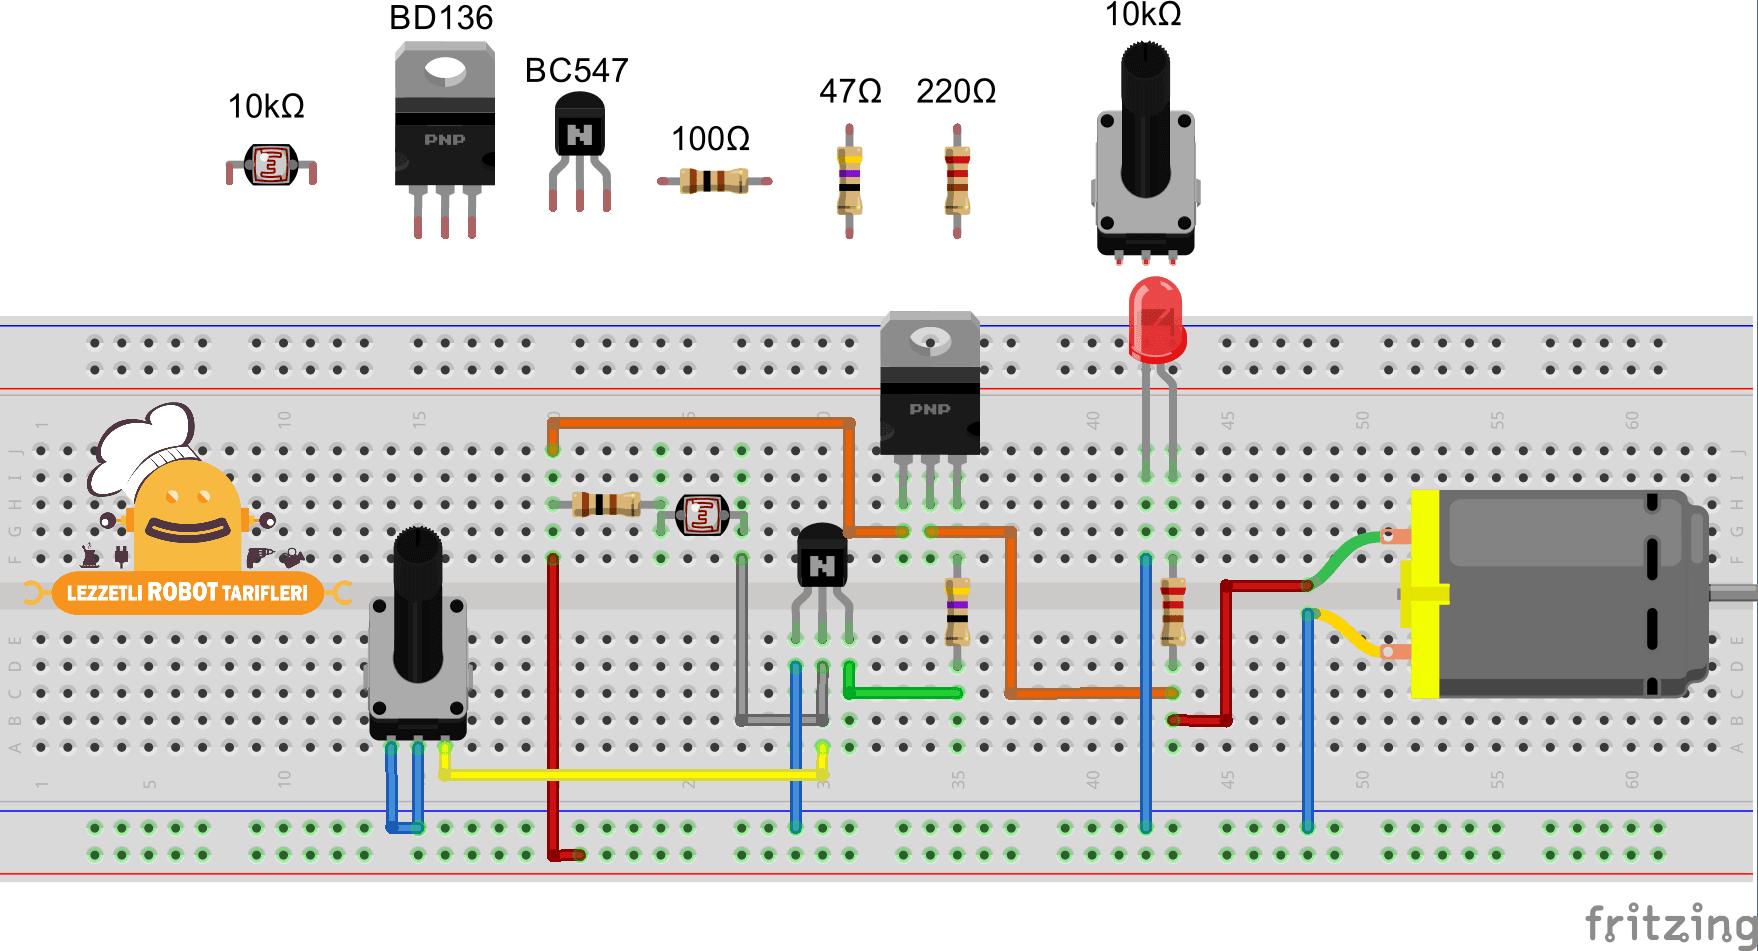 Işık İzleyen Robot v1.00 / 3.Bölüm devre şeması